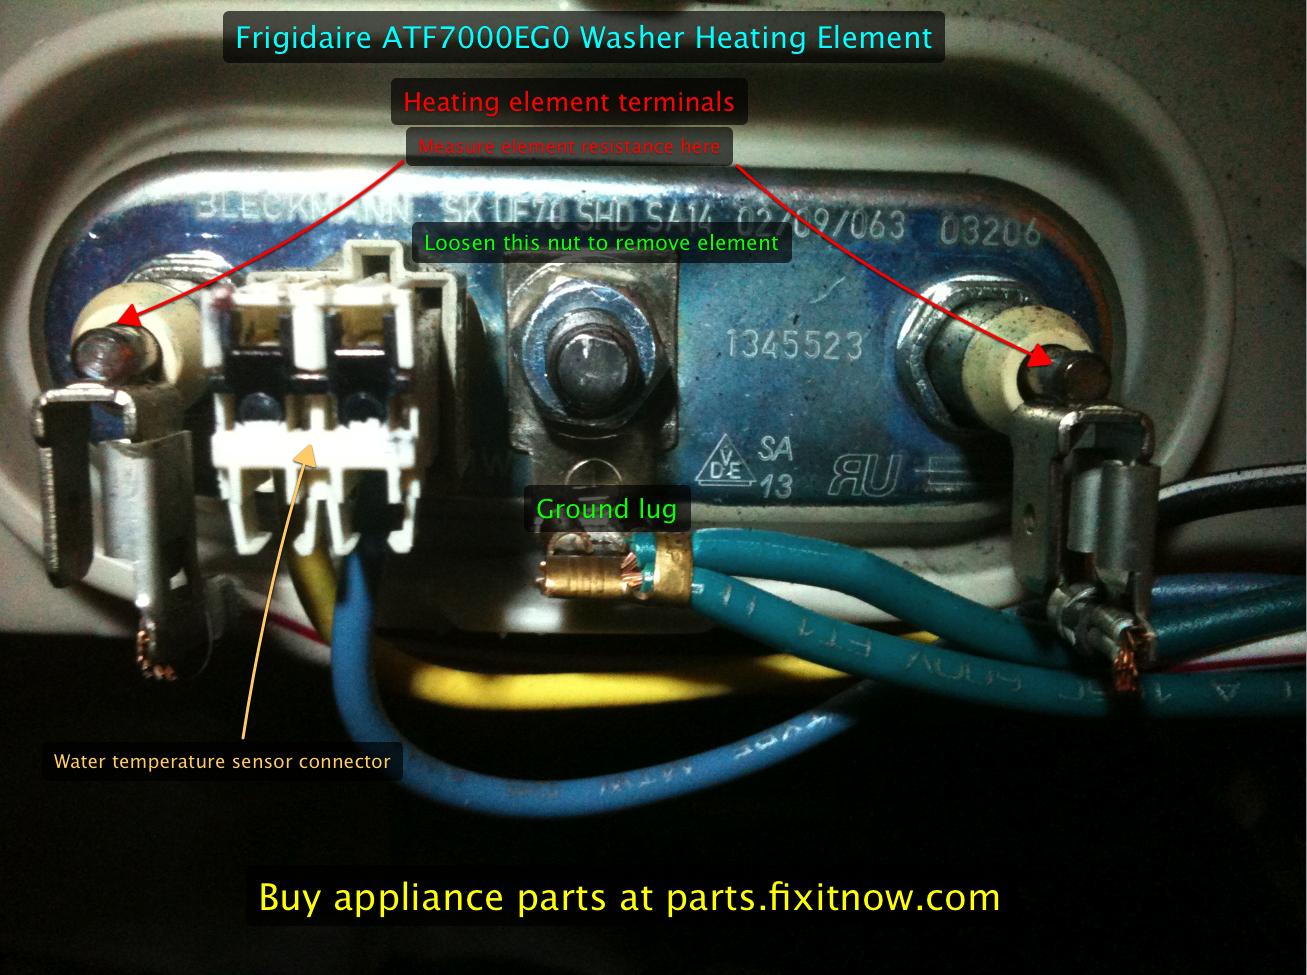 Frigidaire ATF7000EG0 Washer Heating Element